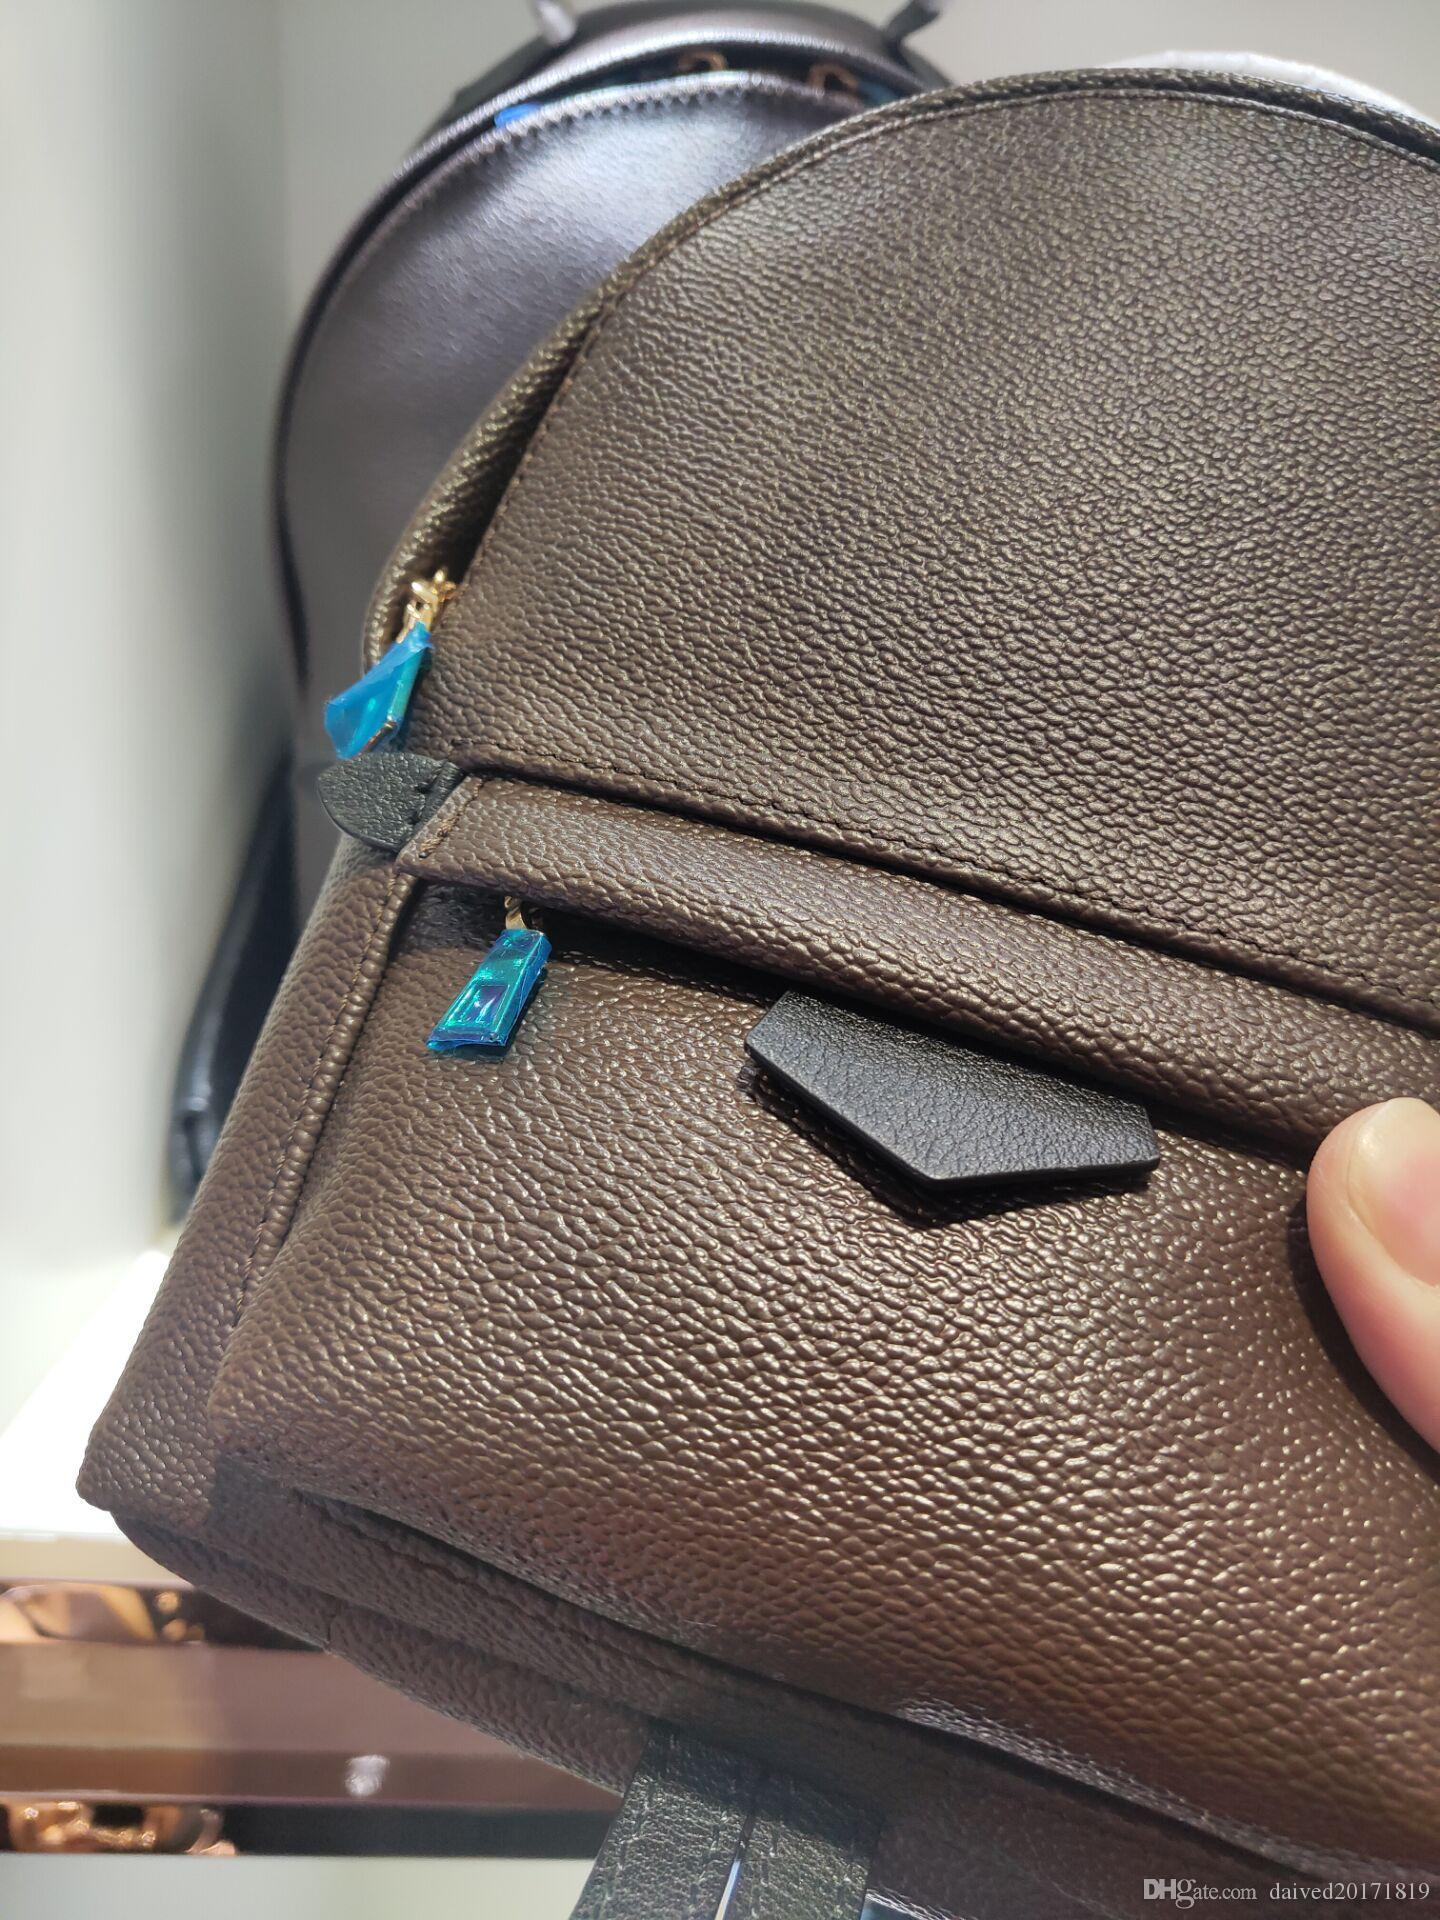 donne stile Europ classico sacchetto del fashon Moda Palm Springs Zaino Mini genuino di cuoio per bambini zaino stampa in pelle 41562